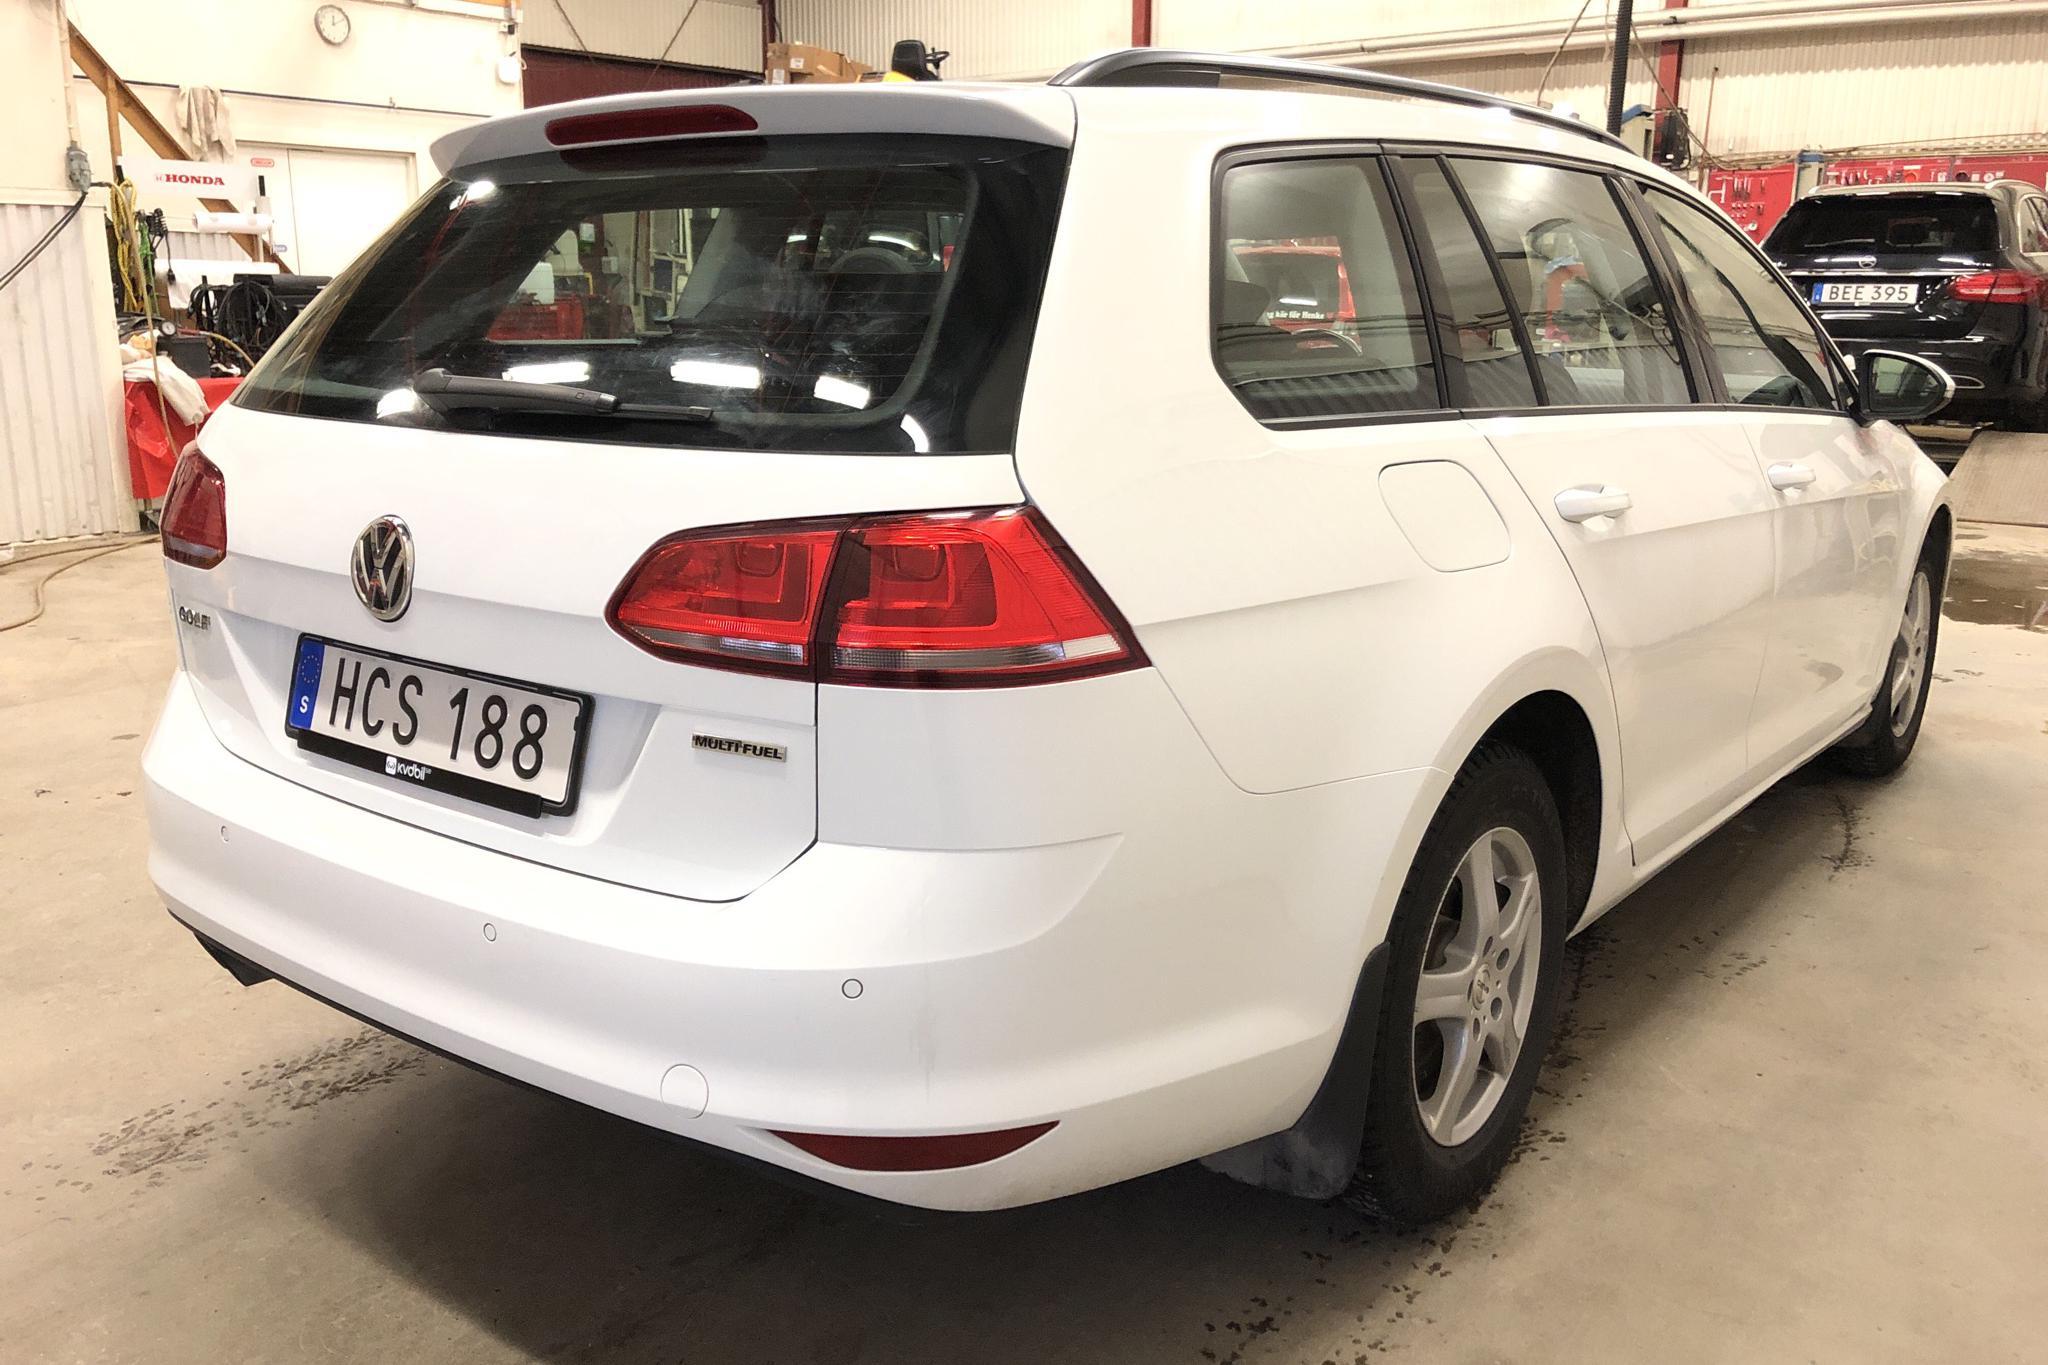 VW Golf VII 1.4 TSI Multifuel Sportscombi (125hk) - 11 794 mil - Manuell - vit - 2016